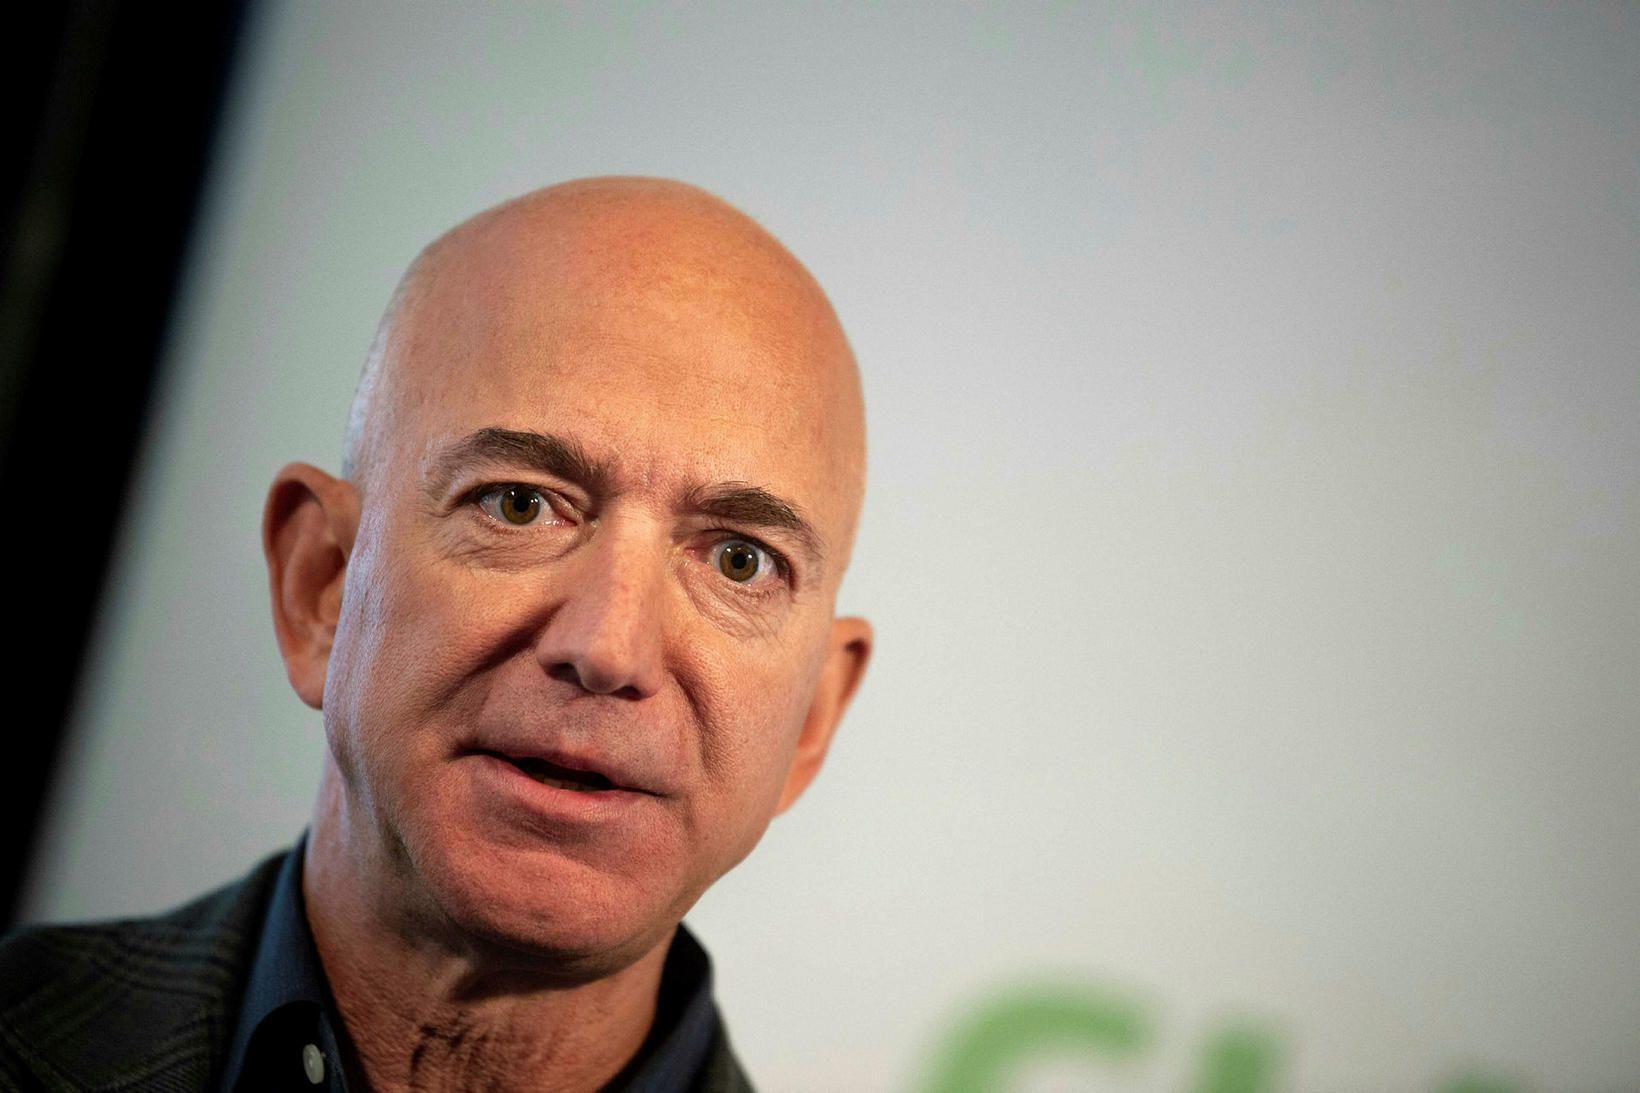 Jeff Bezos er ekki lengur forstjóri Amazon. Hann eyddi síðustu …